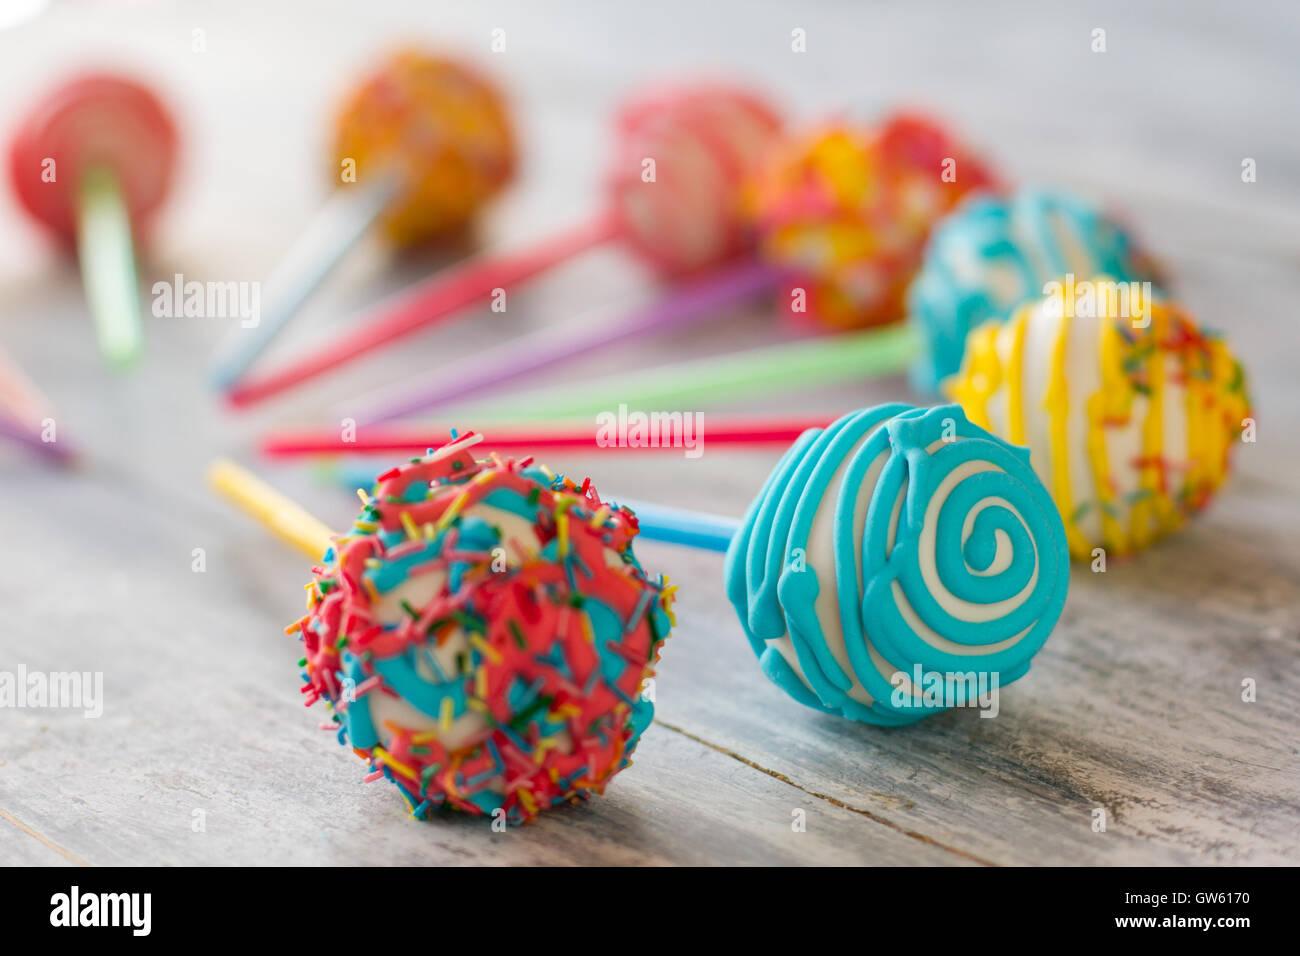 Bonbons en forme de boule de couleur. Photo Stock